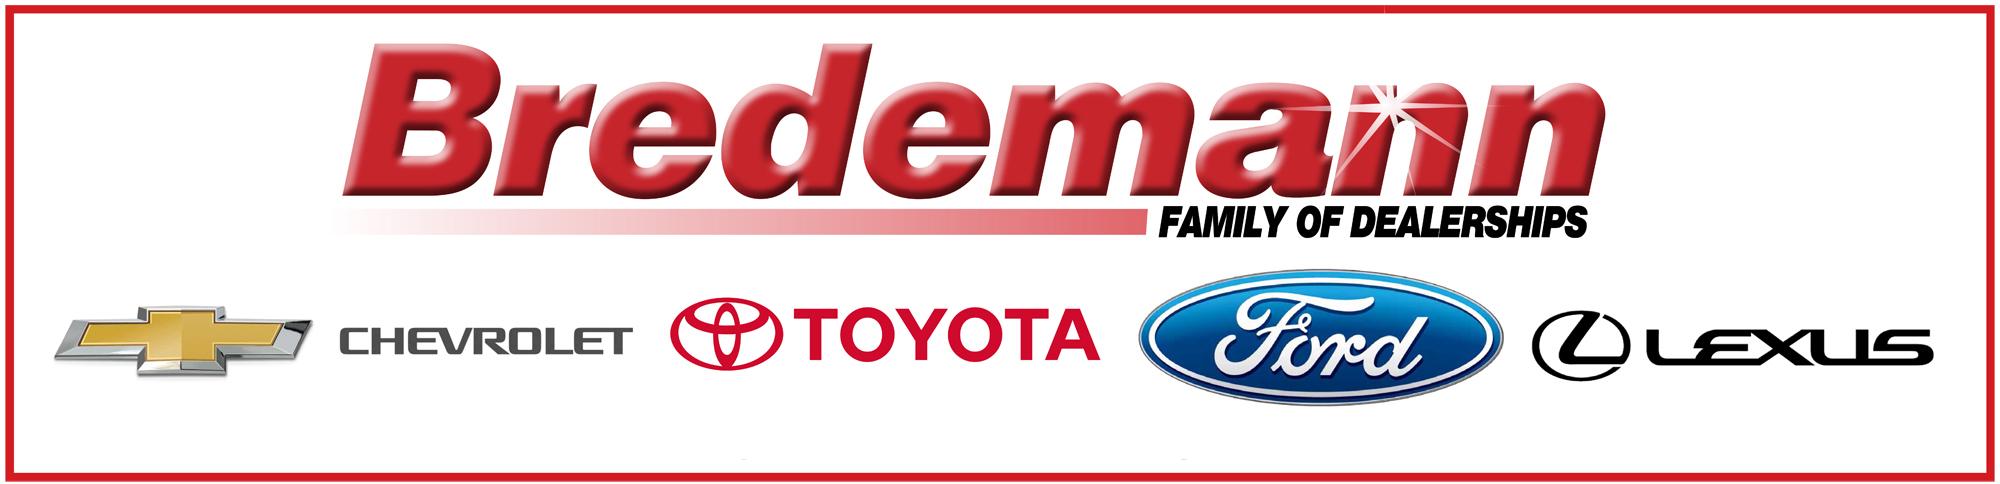 Bredemann Family of Dealerships